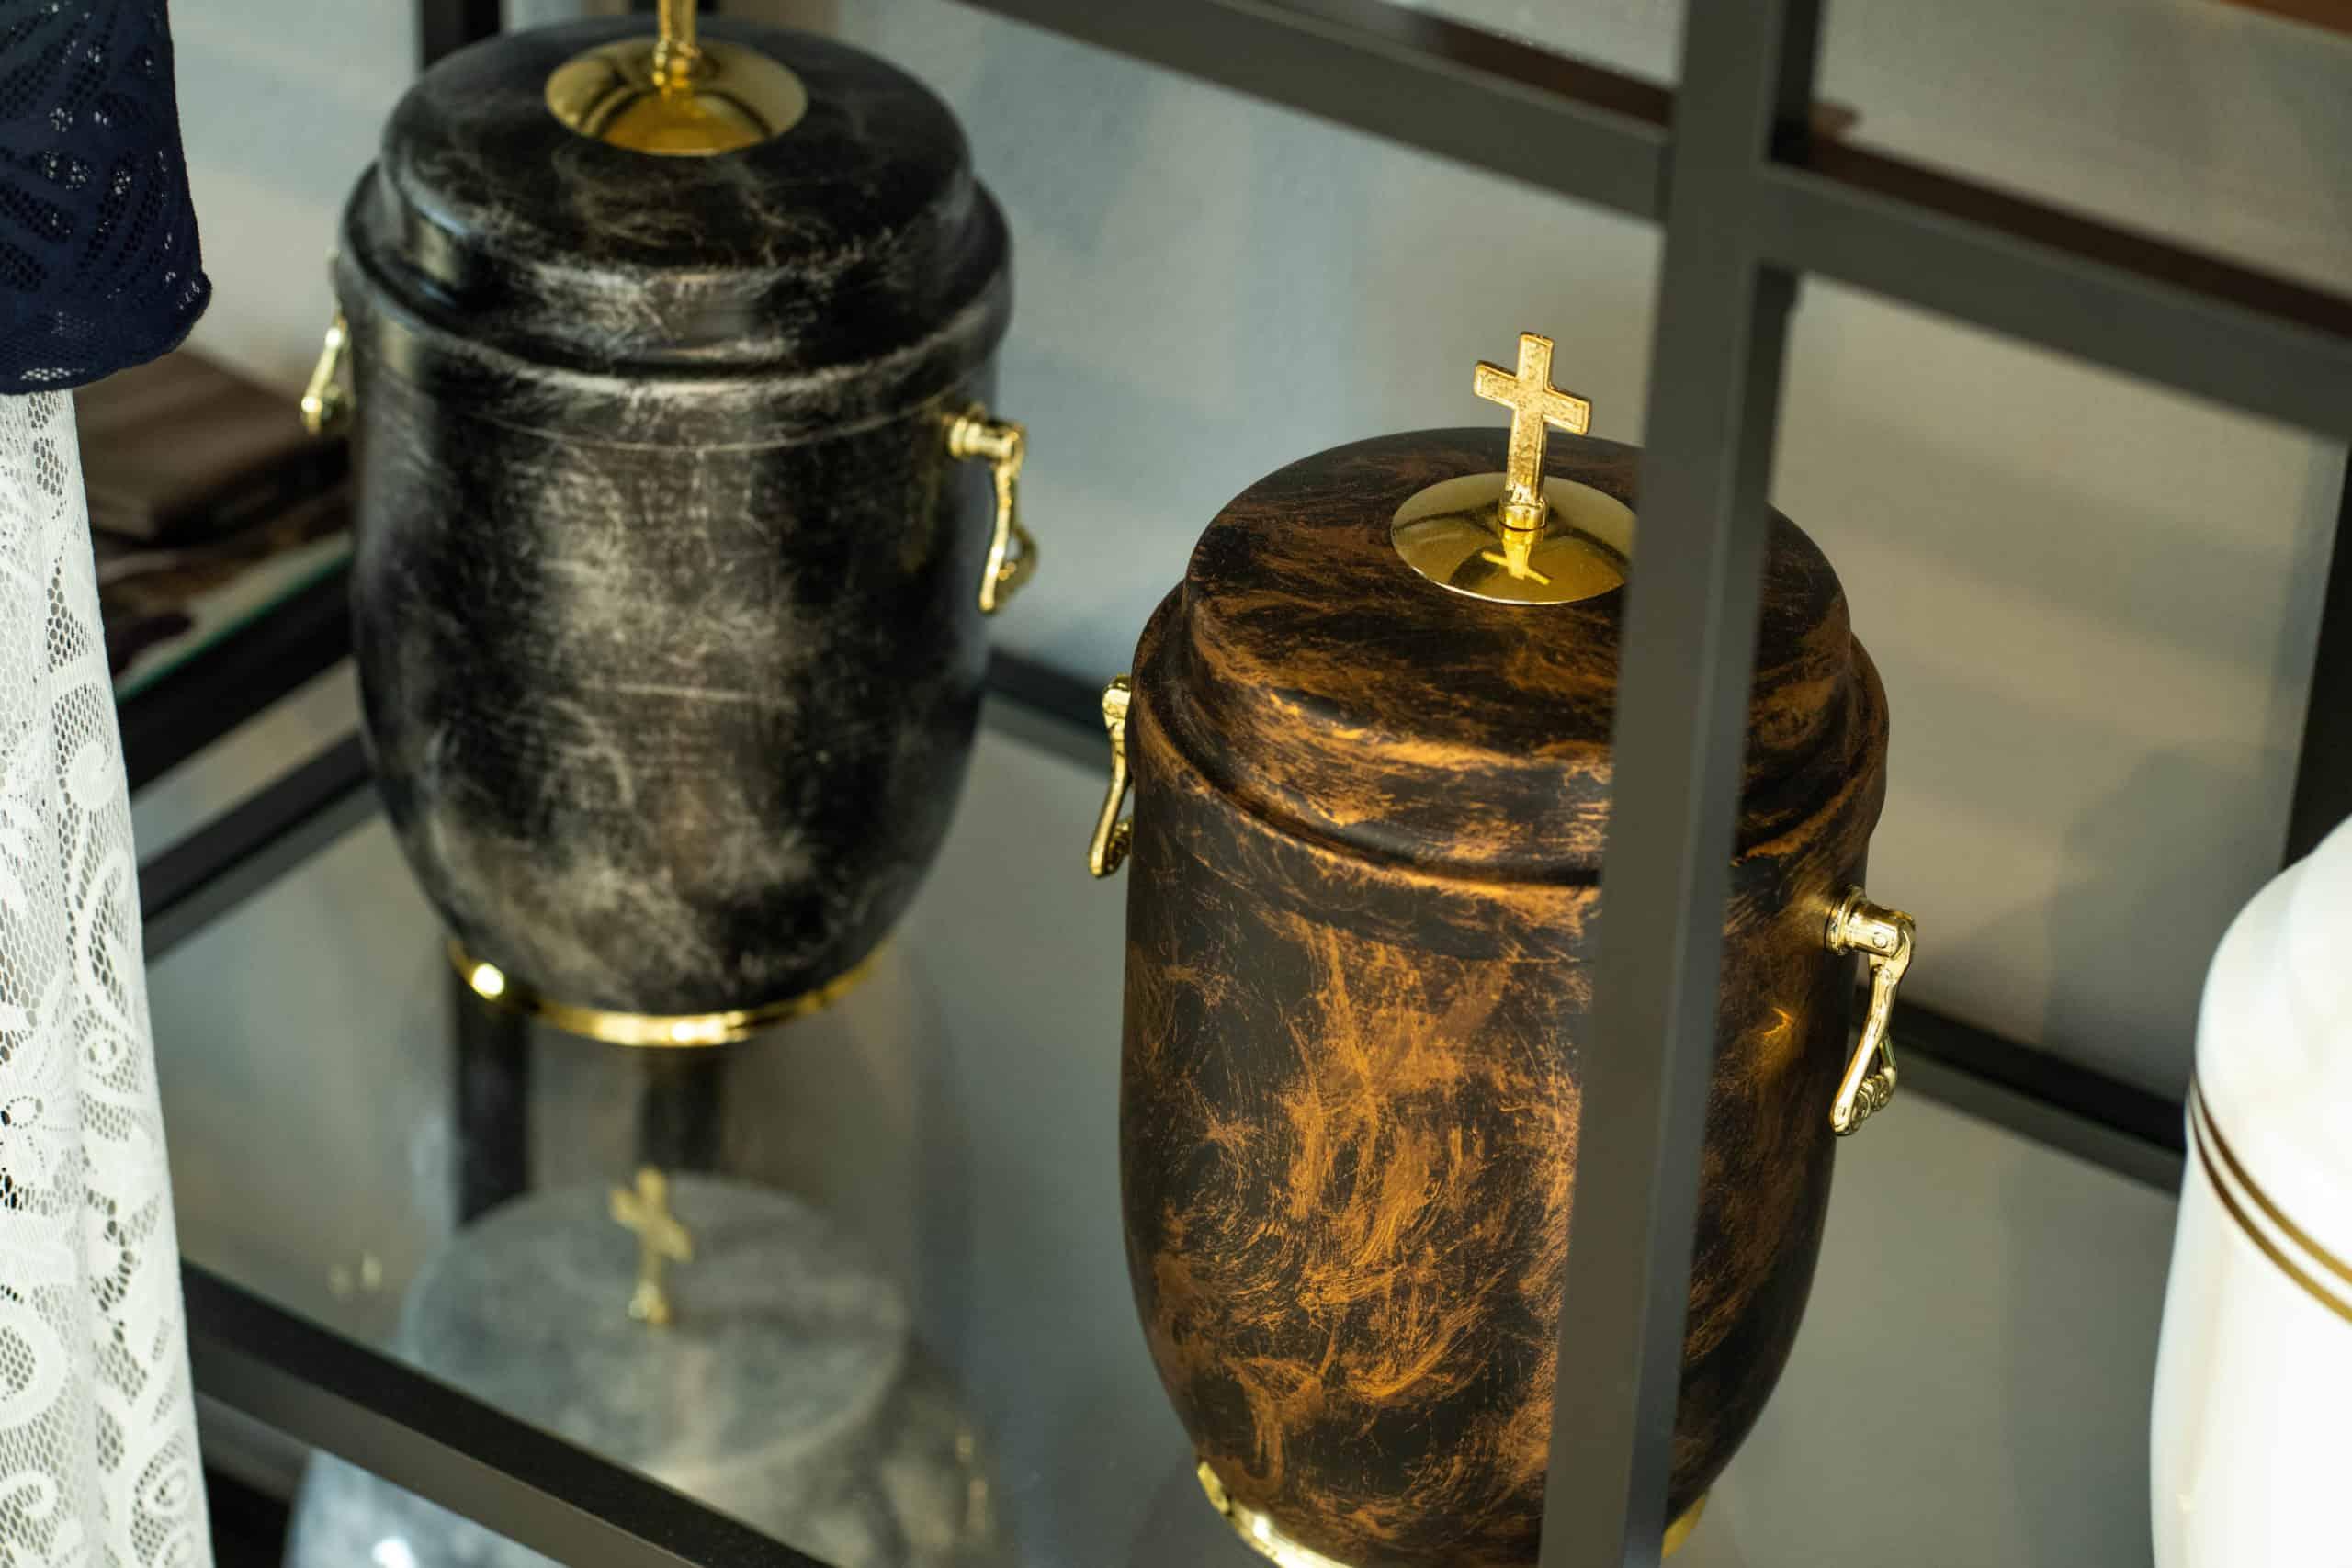 Oferowany asortyment, urny w zakładzie pogrzebowym ptak